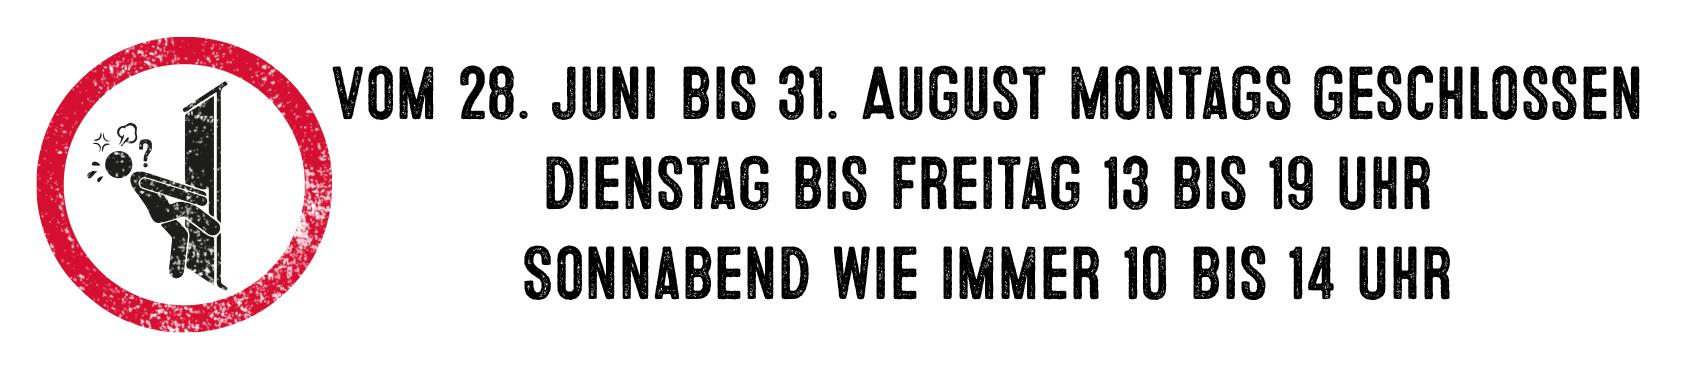 ferien-oeffnungszeiten-ravenborg-hamburg-2021